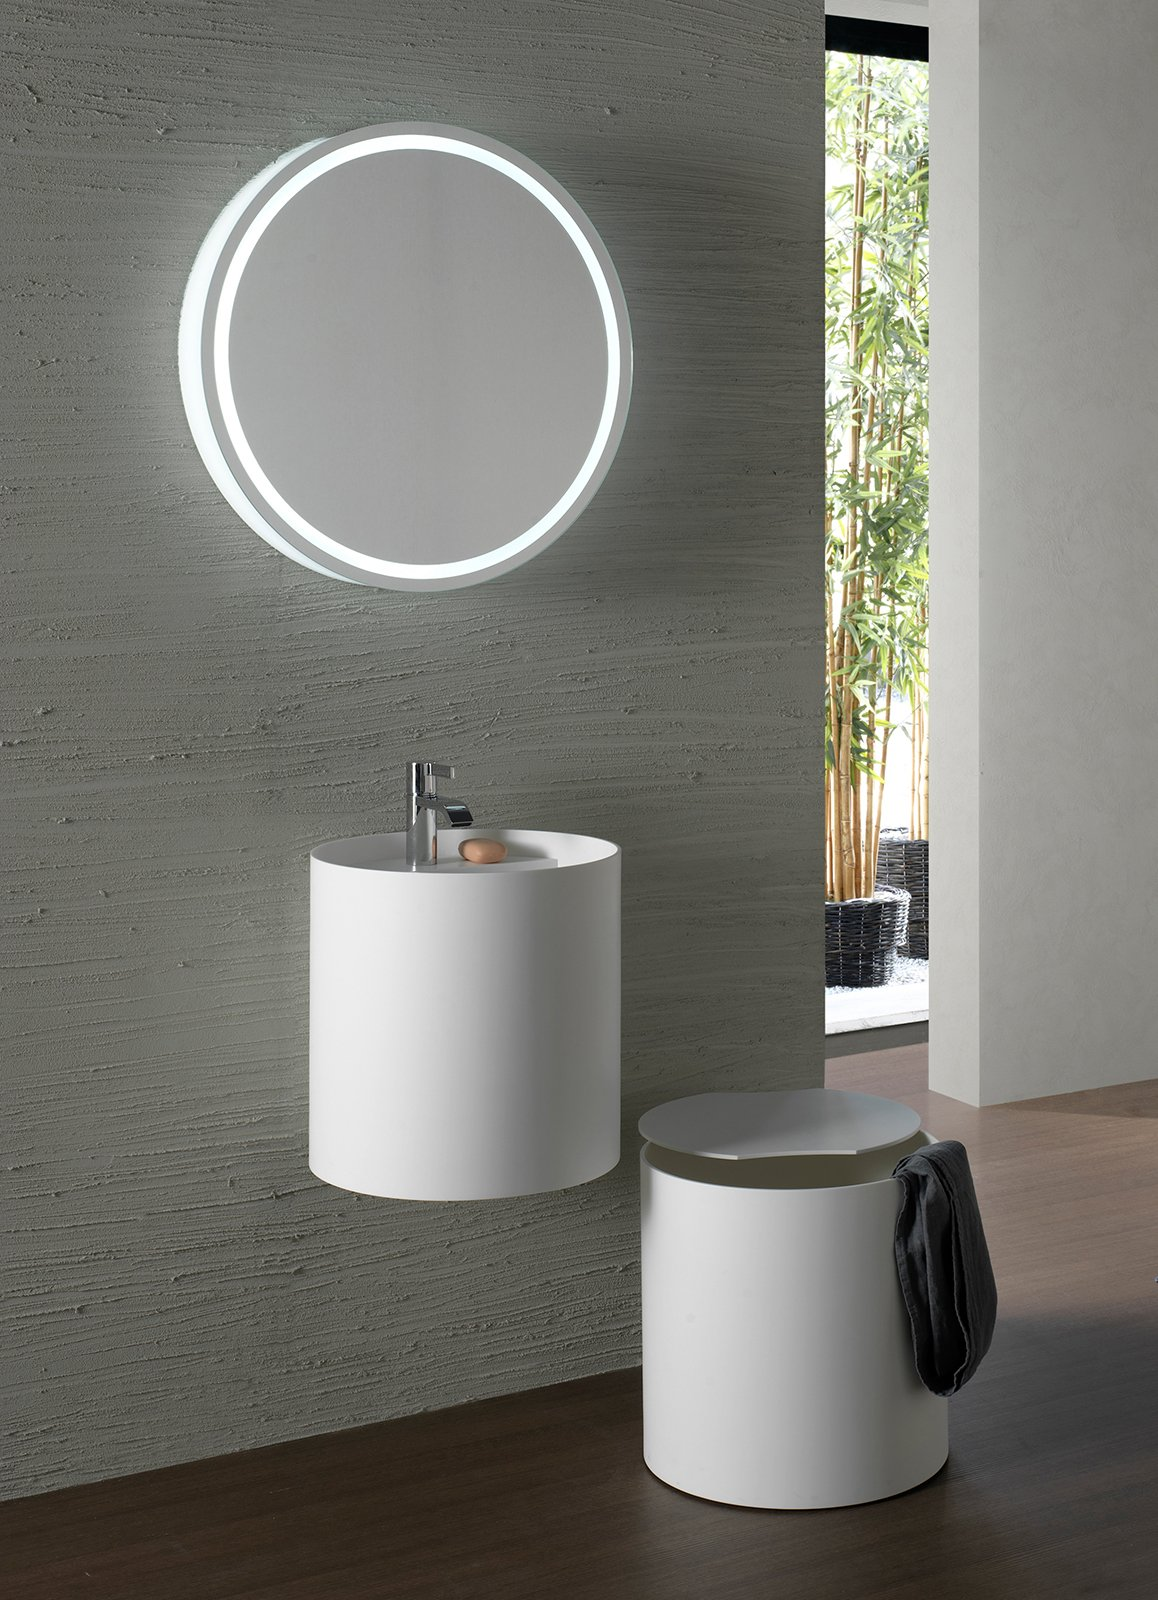 Specchi per il bagno cose di casa for Specchio da tavolo con luce ikea